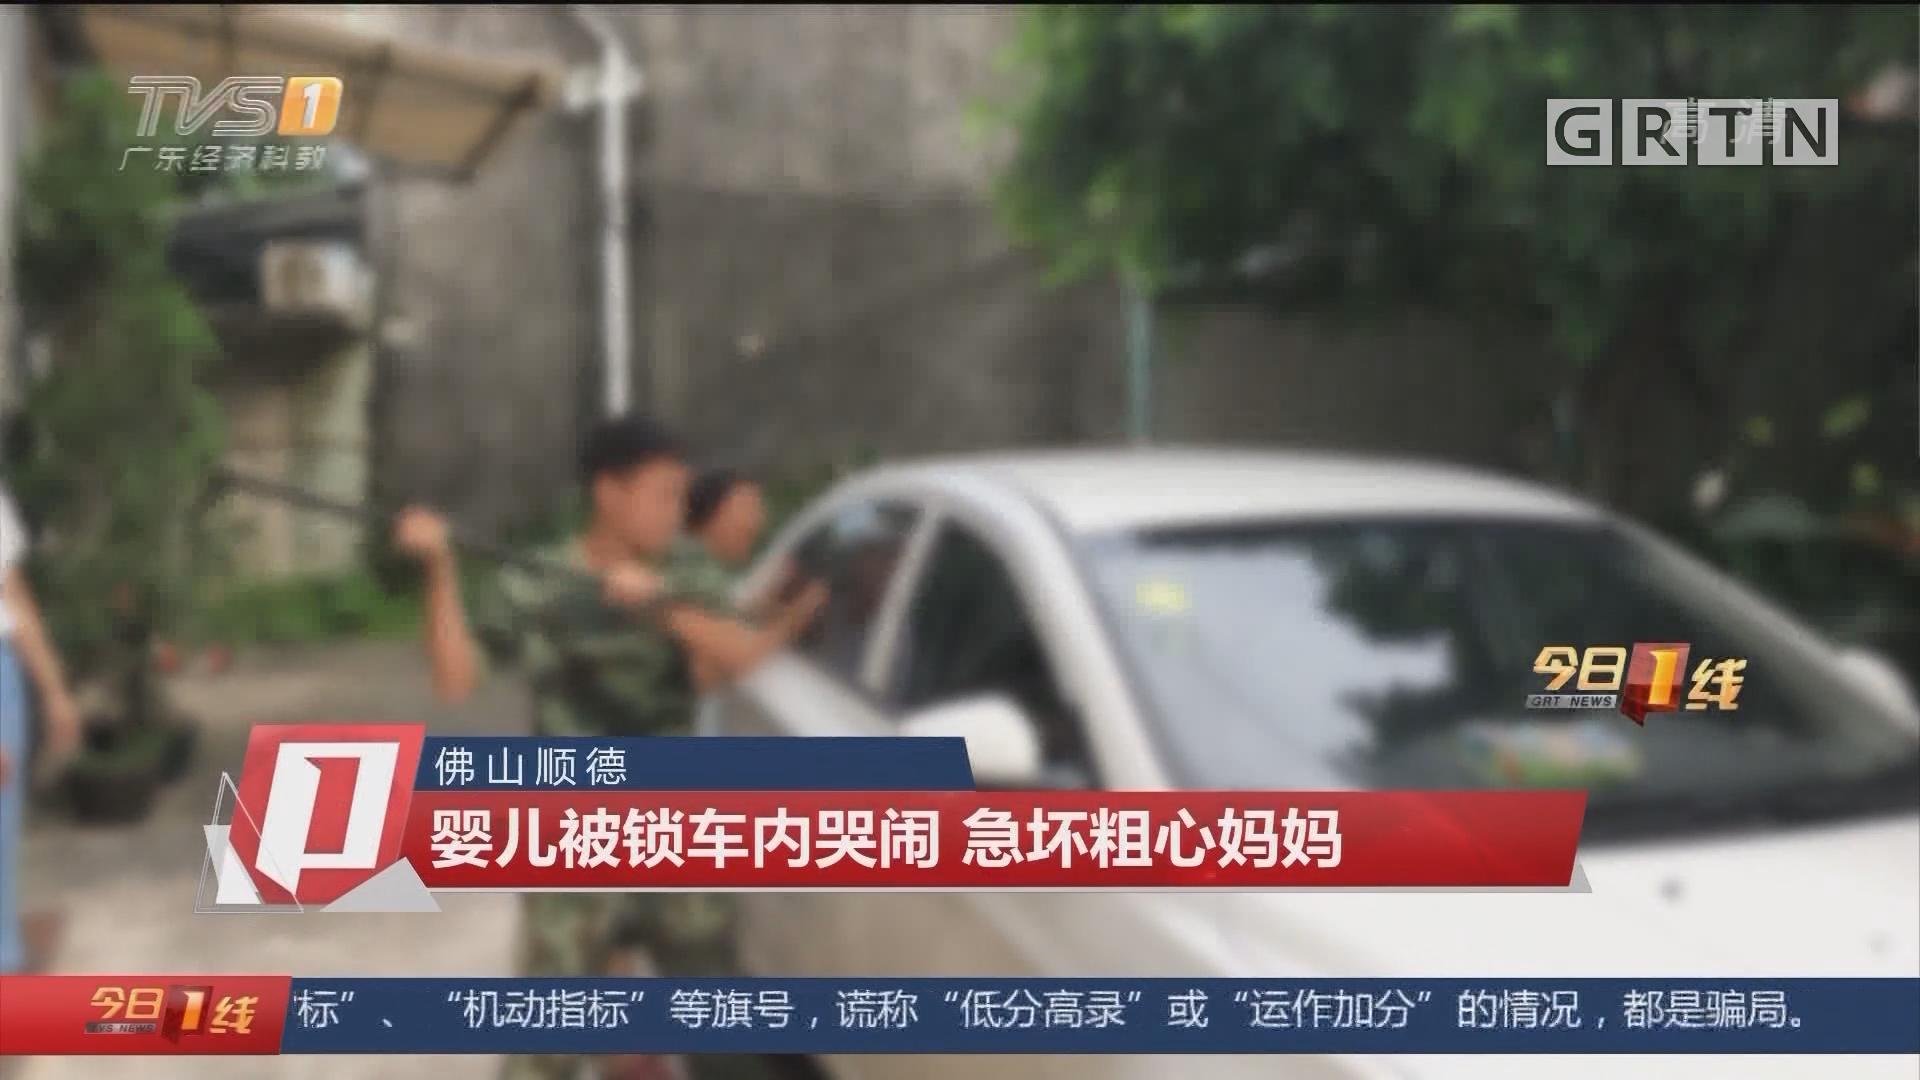 佛山順德:嬰兒被鎖車內哭鬧 急壞粗心媽媽